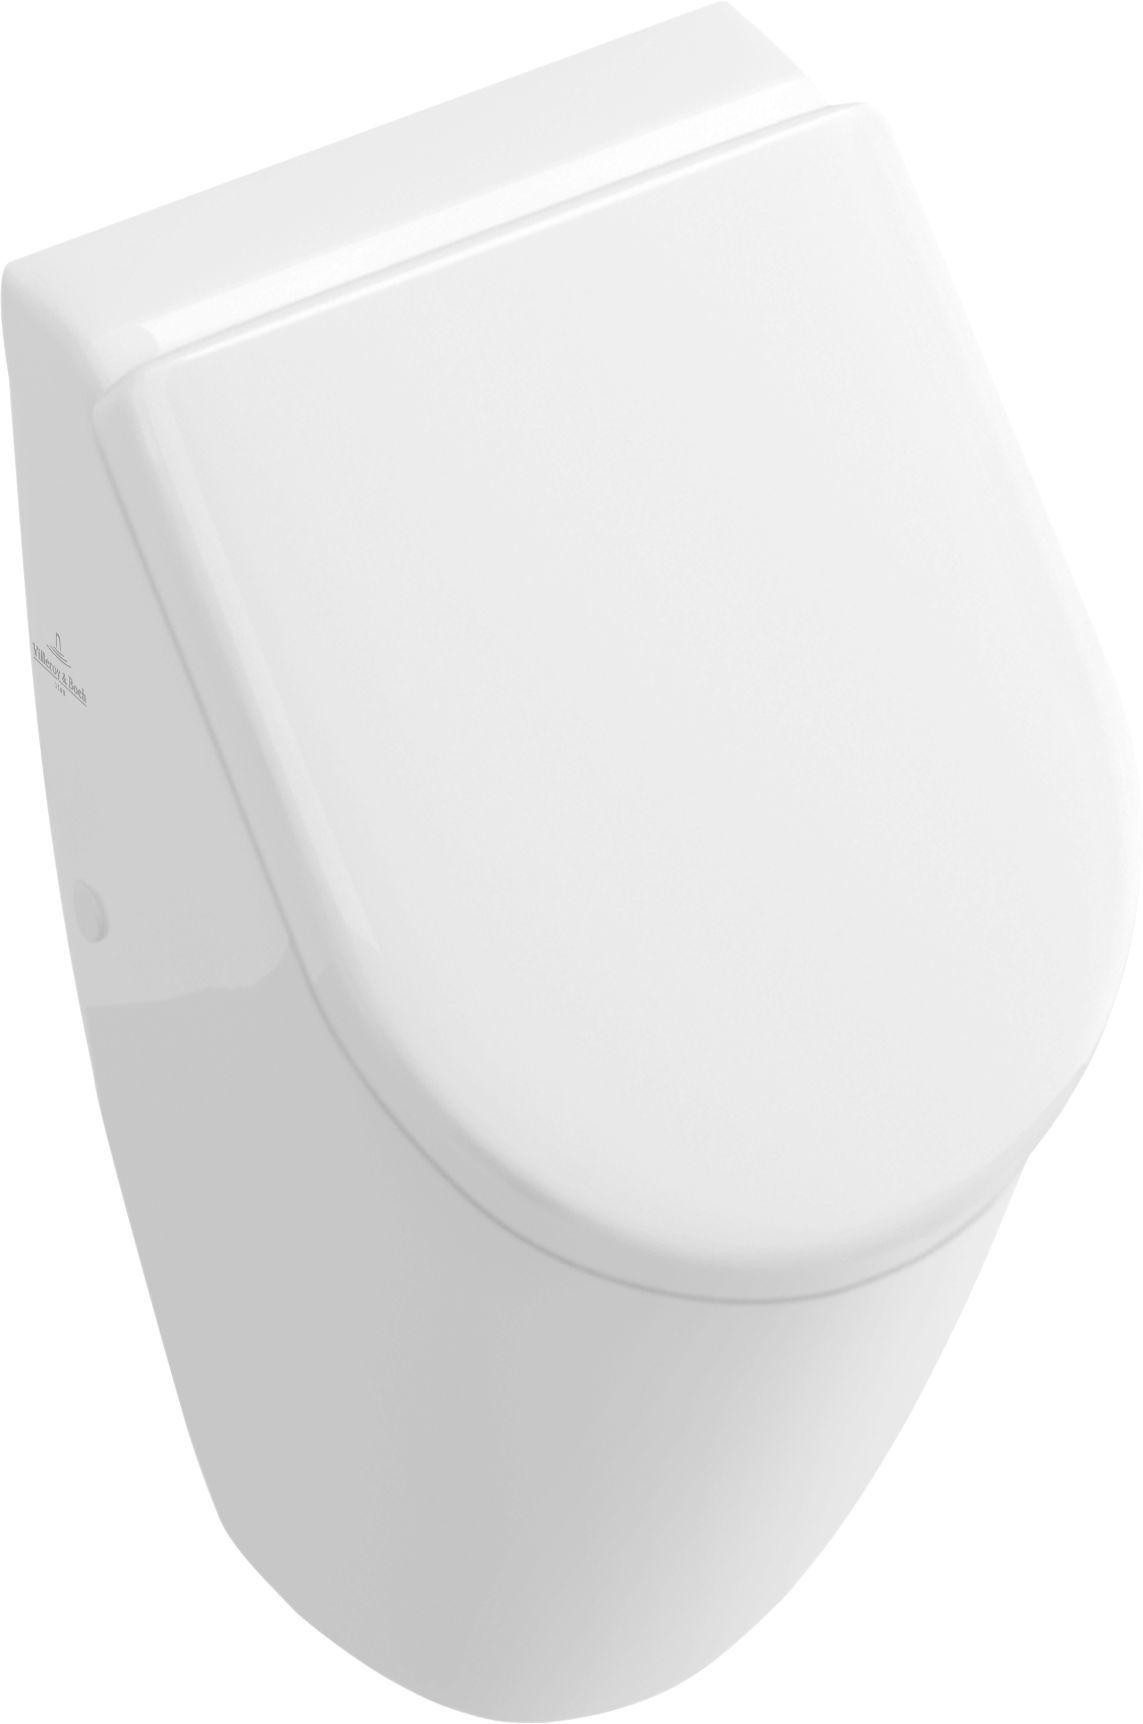 Villeroy & Boch Subway Urinal für Deckel Zulauf verdeckt weiß mit ceramicplus 751301R1